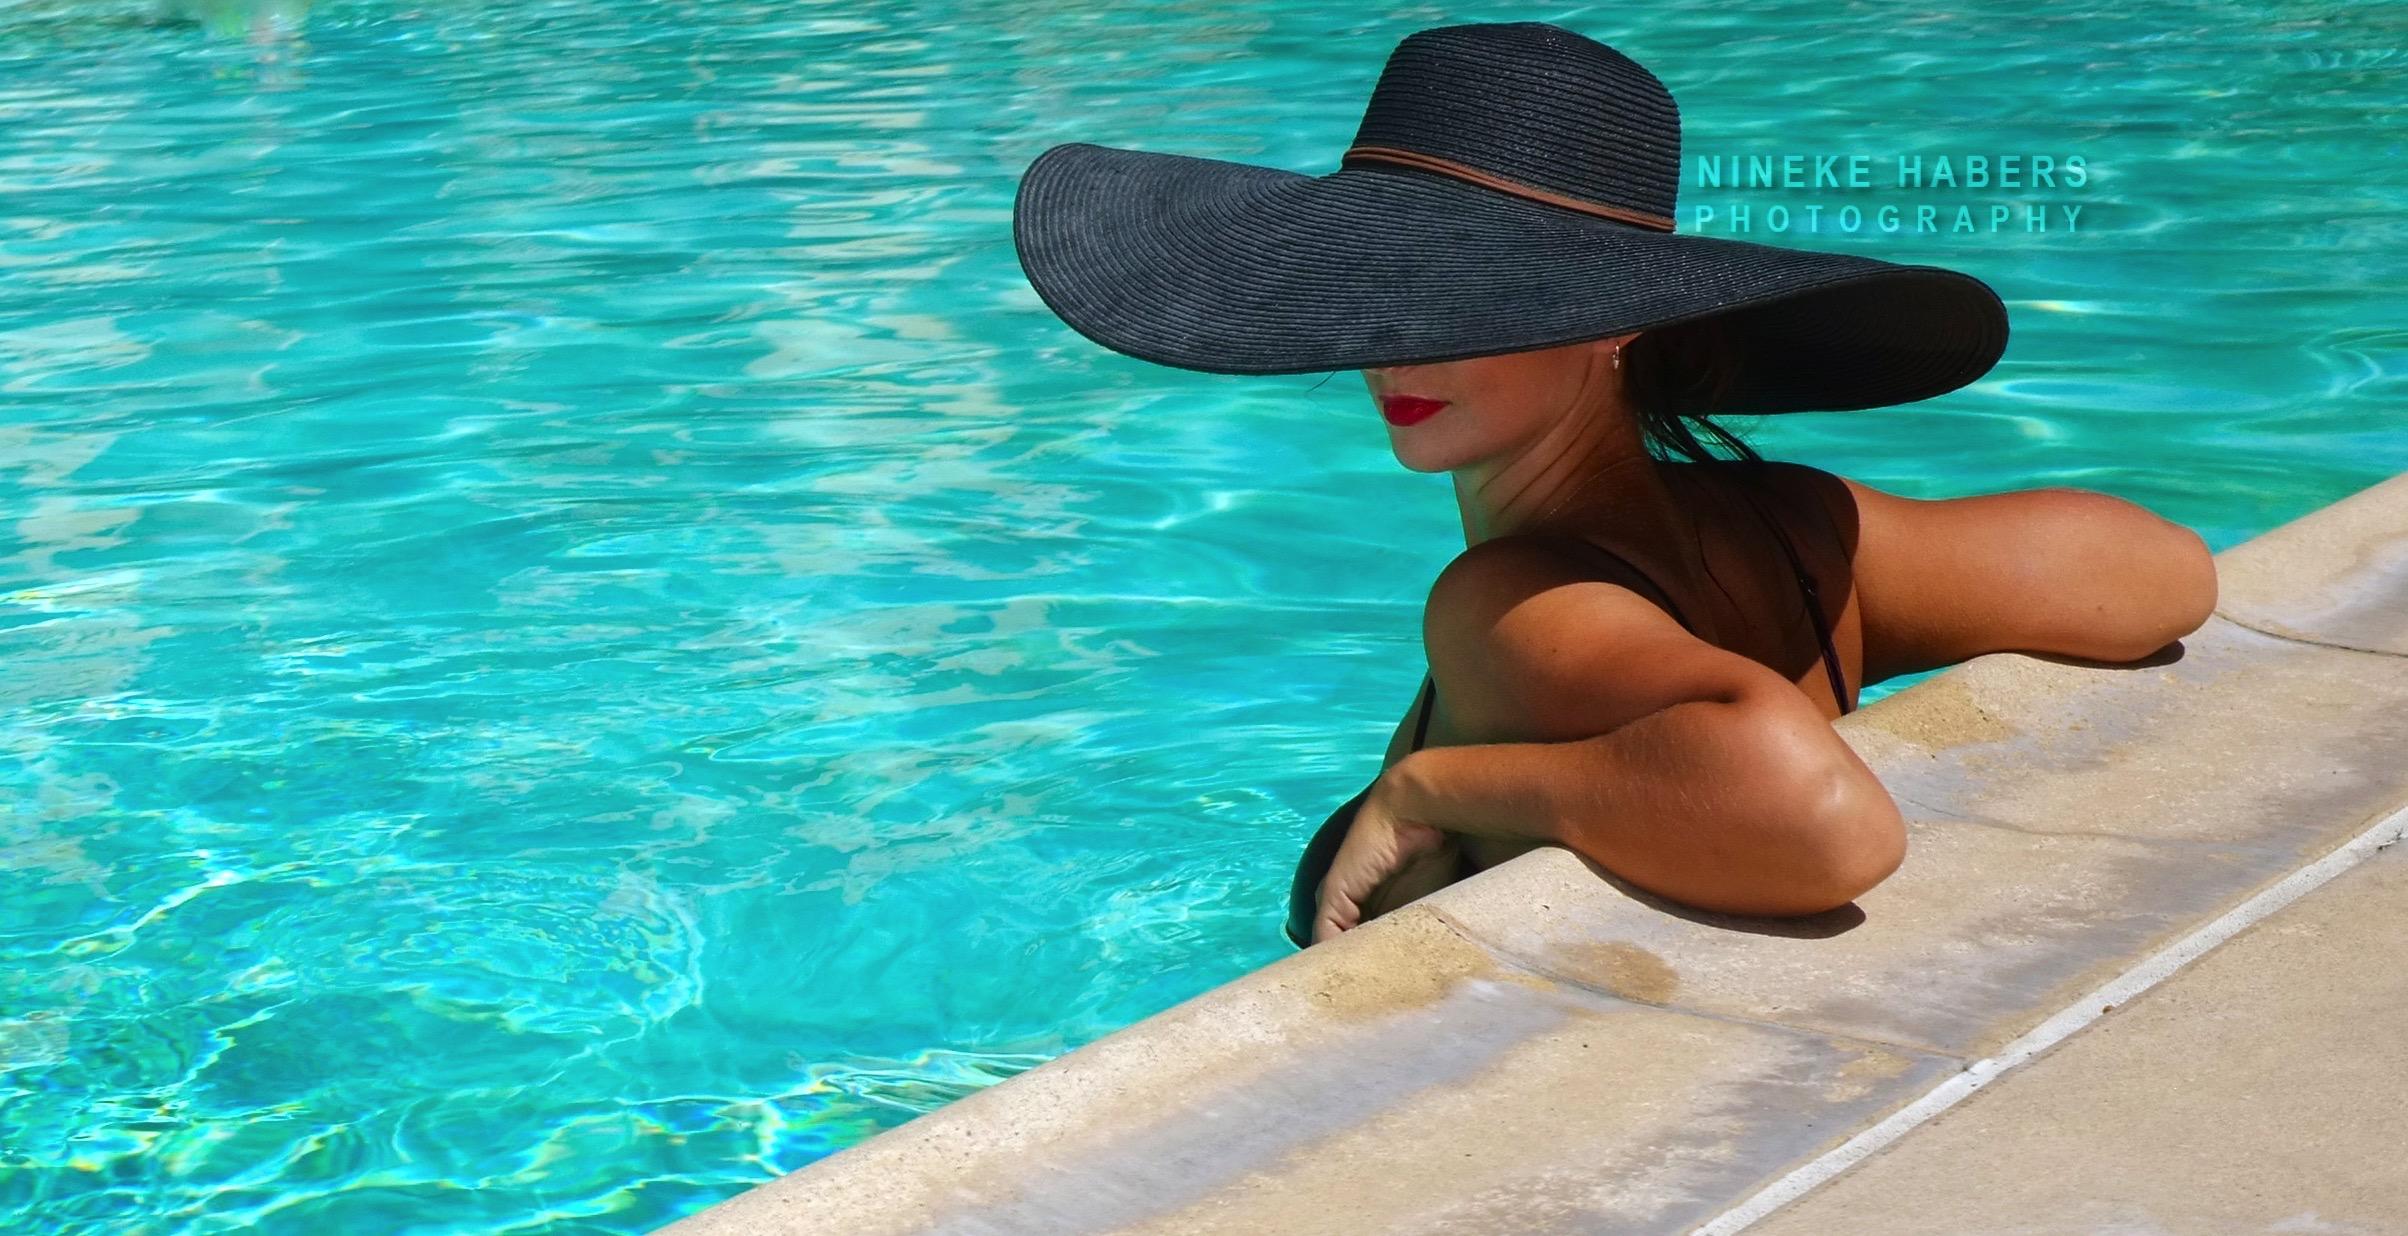 Talitha zwembad – 1 (2)